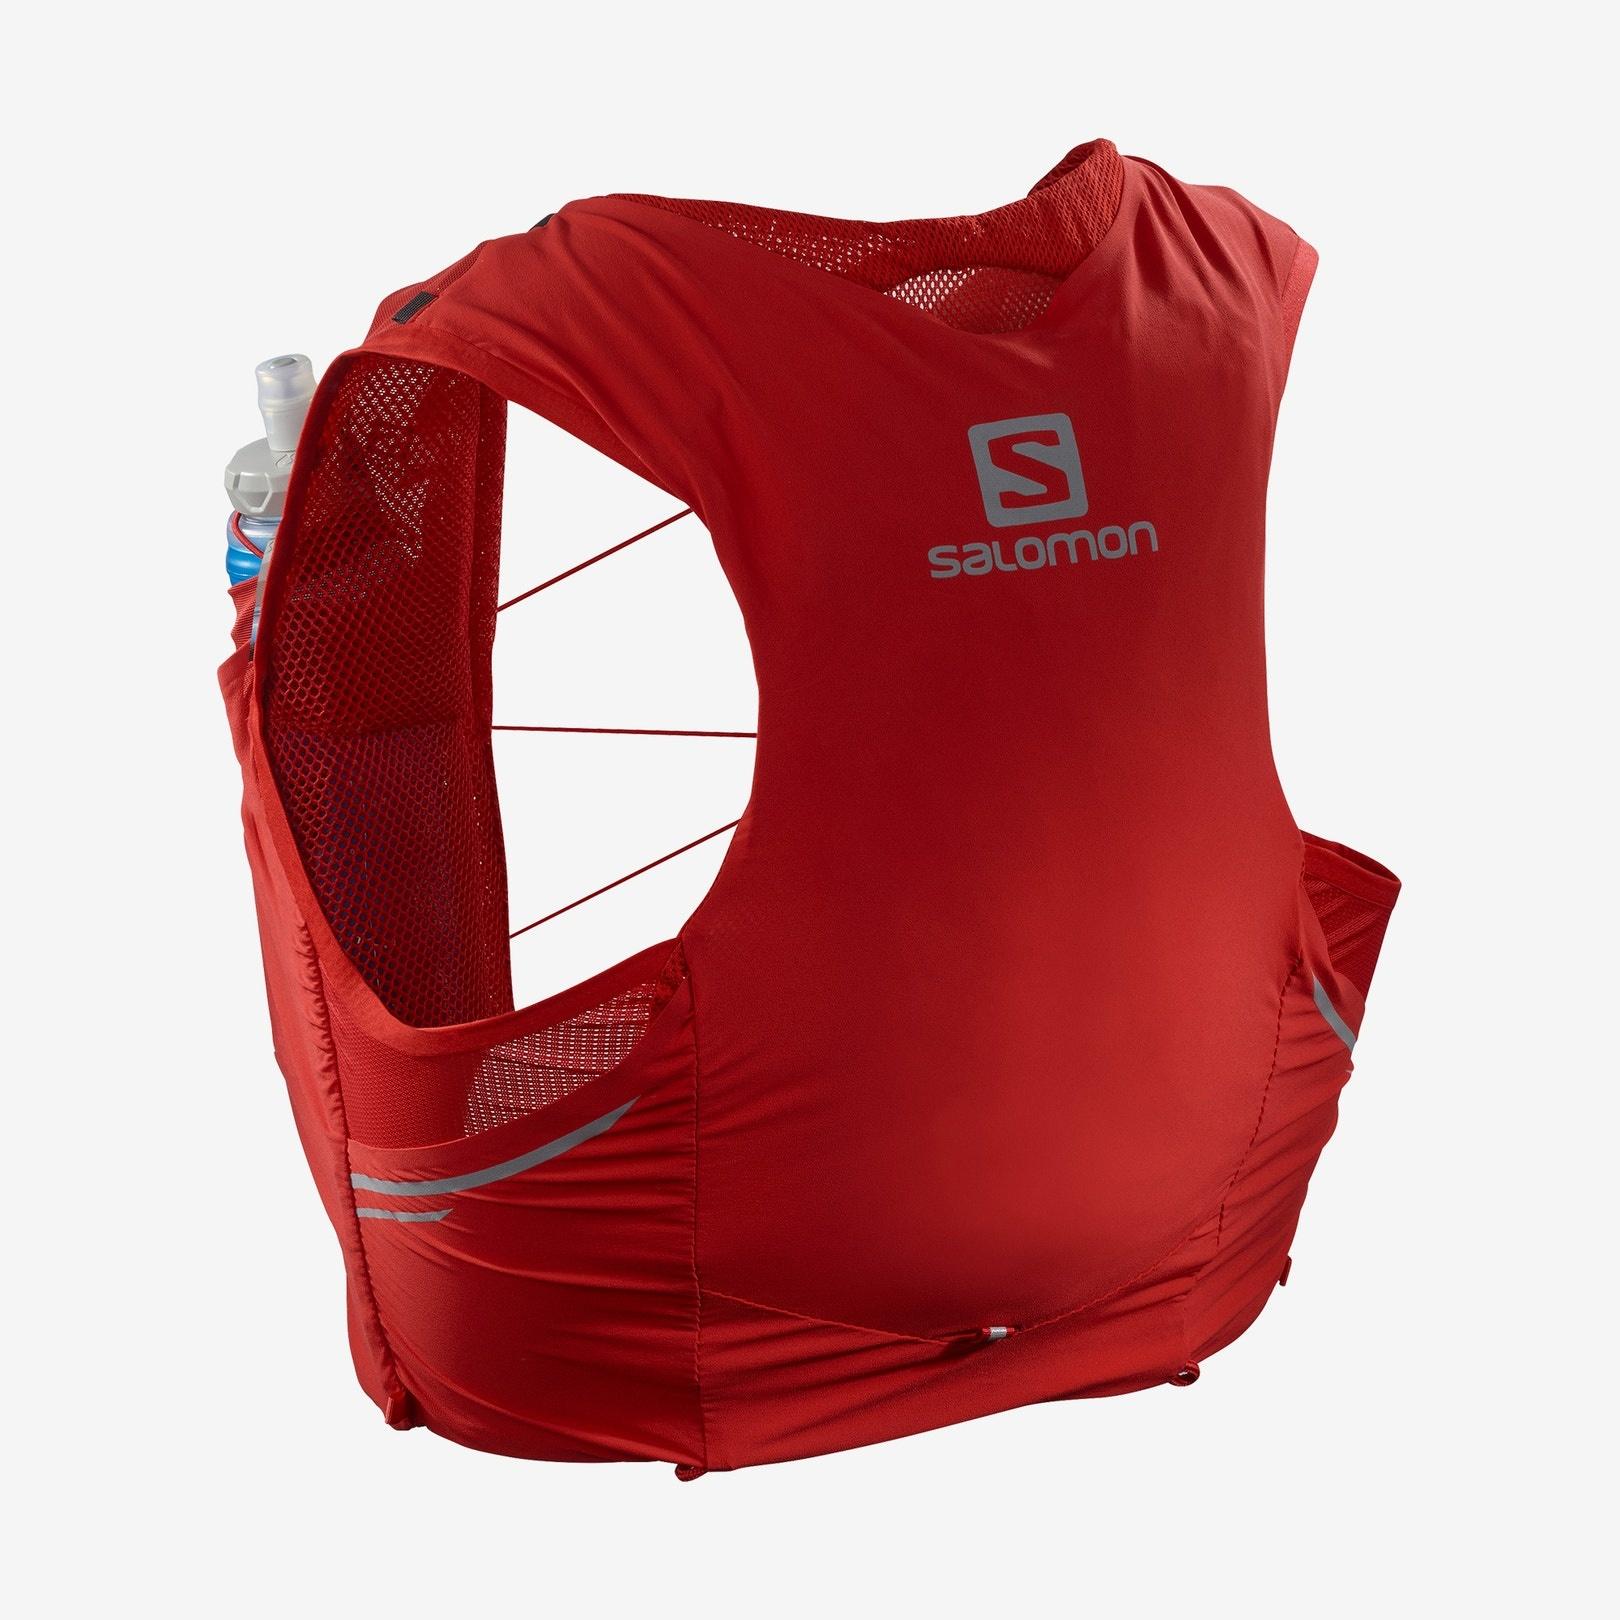 Salomon Unisex Sense Pro 5 Set